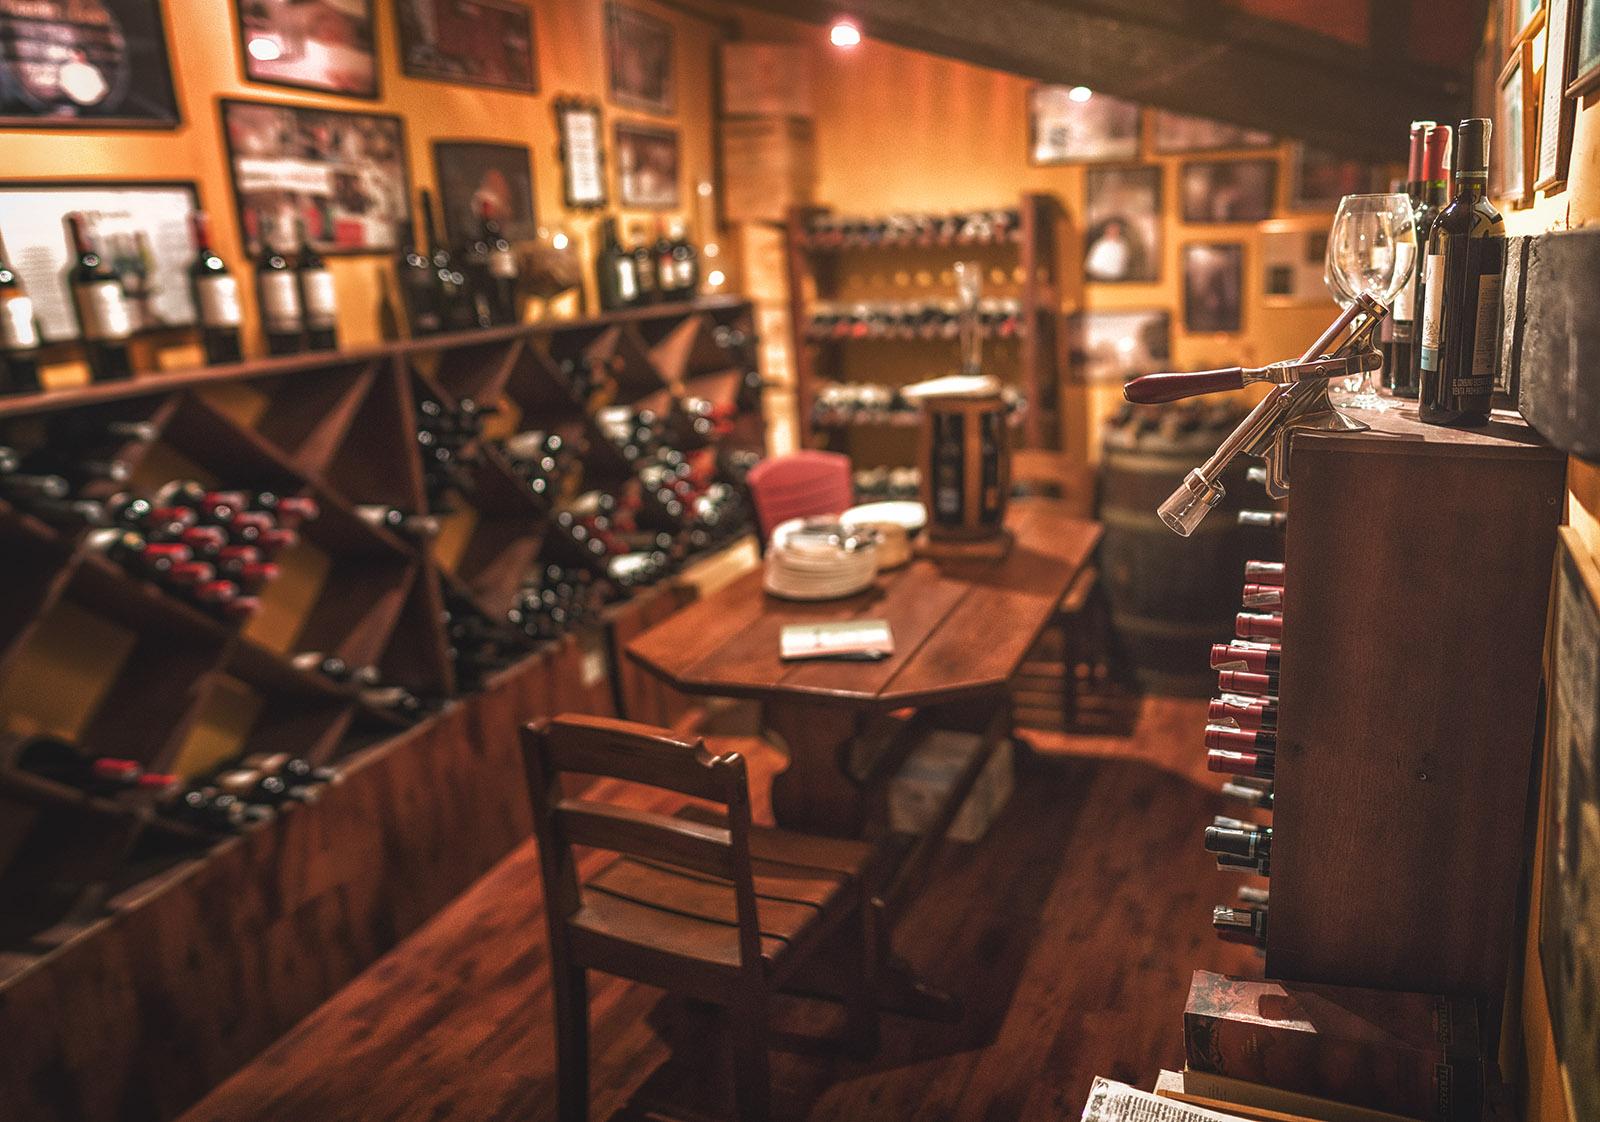 Increíble colección de vinos.